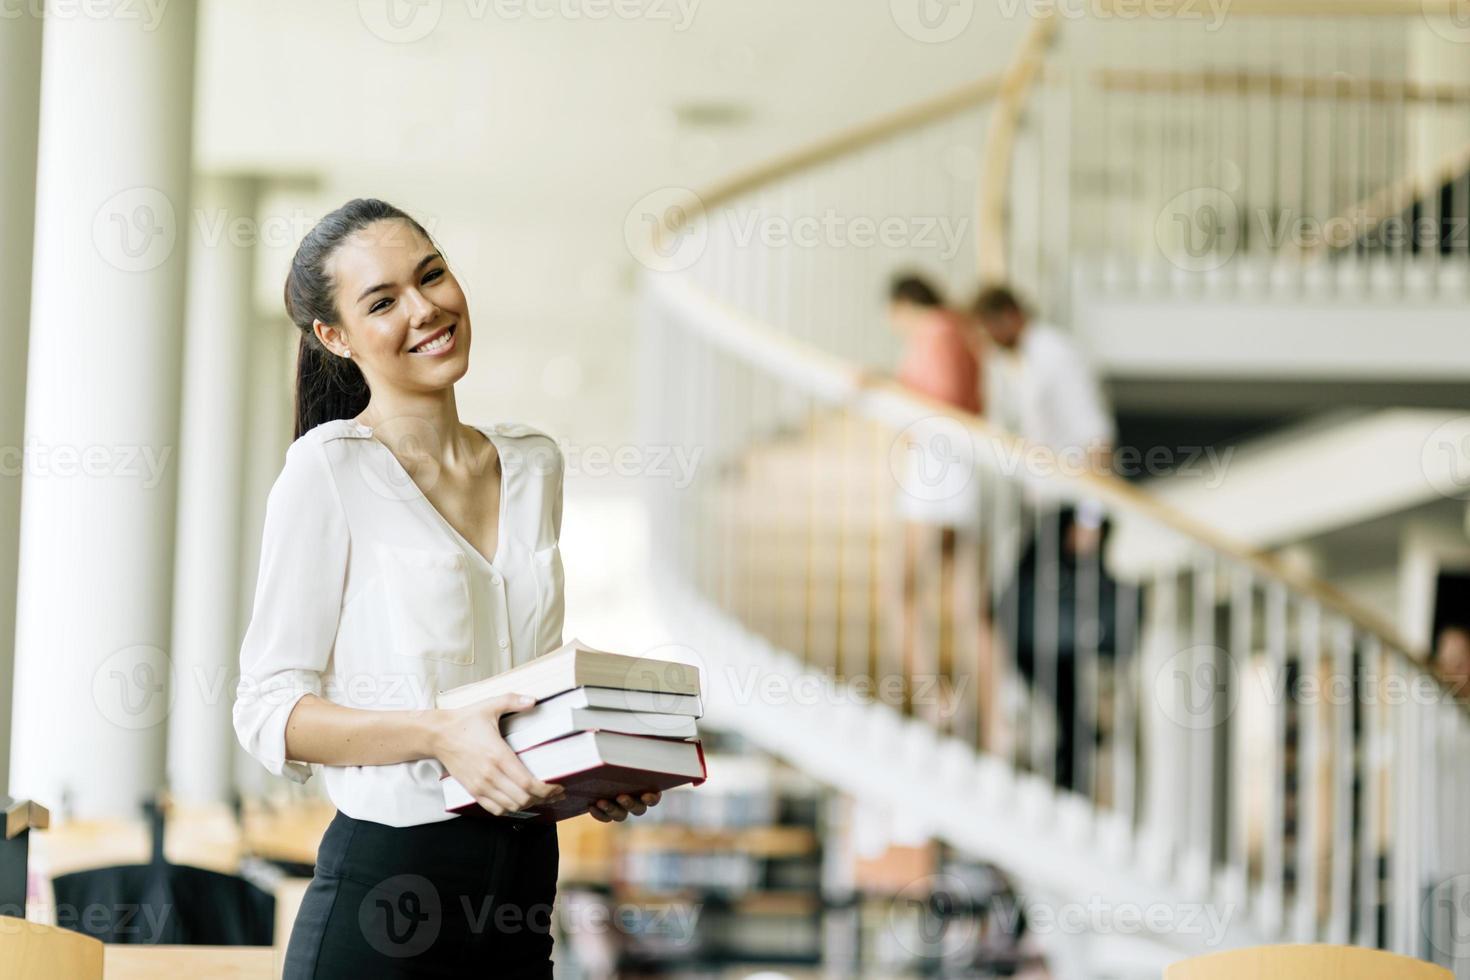 bella donna con libri in una biblioteca foto